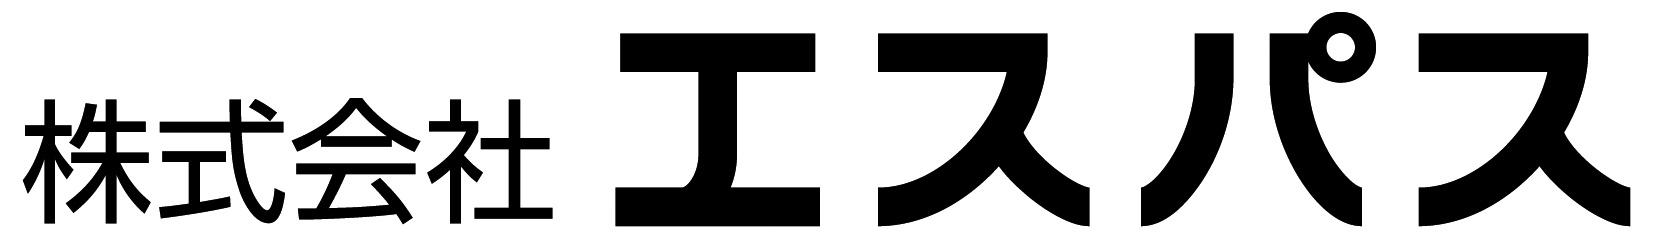 島谷彰の画像